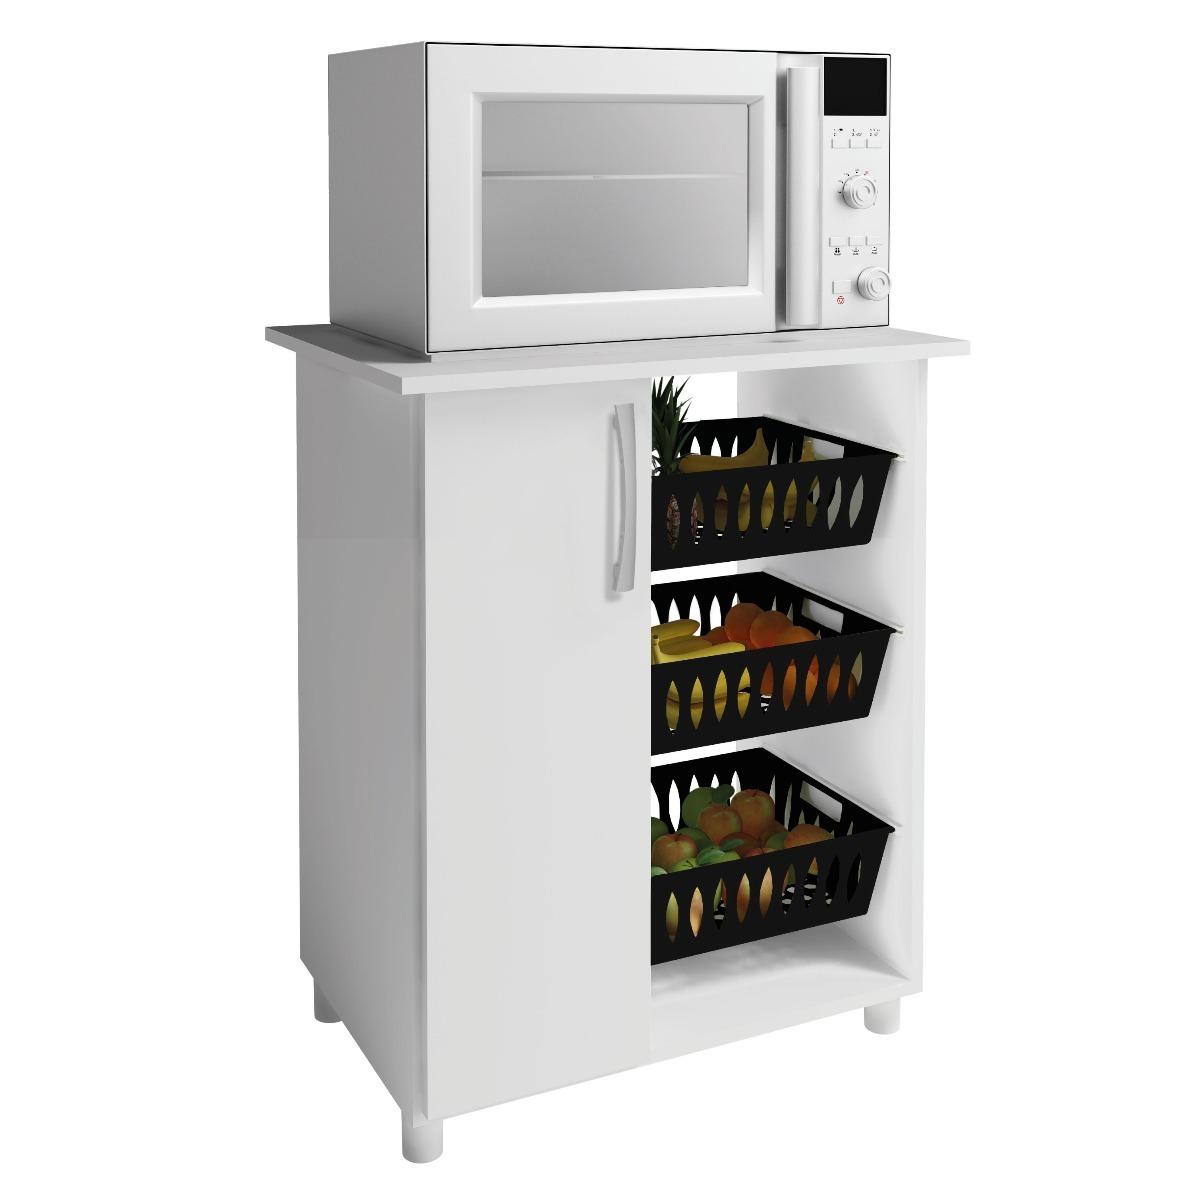 Mueble Cocina Frutero Microondas 1 Puerta 261 - $ 1.400,00 en ...